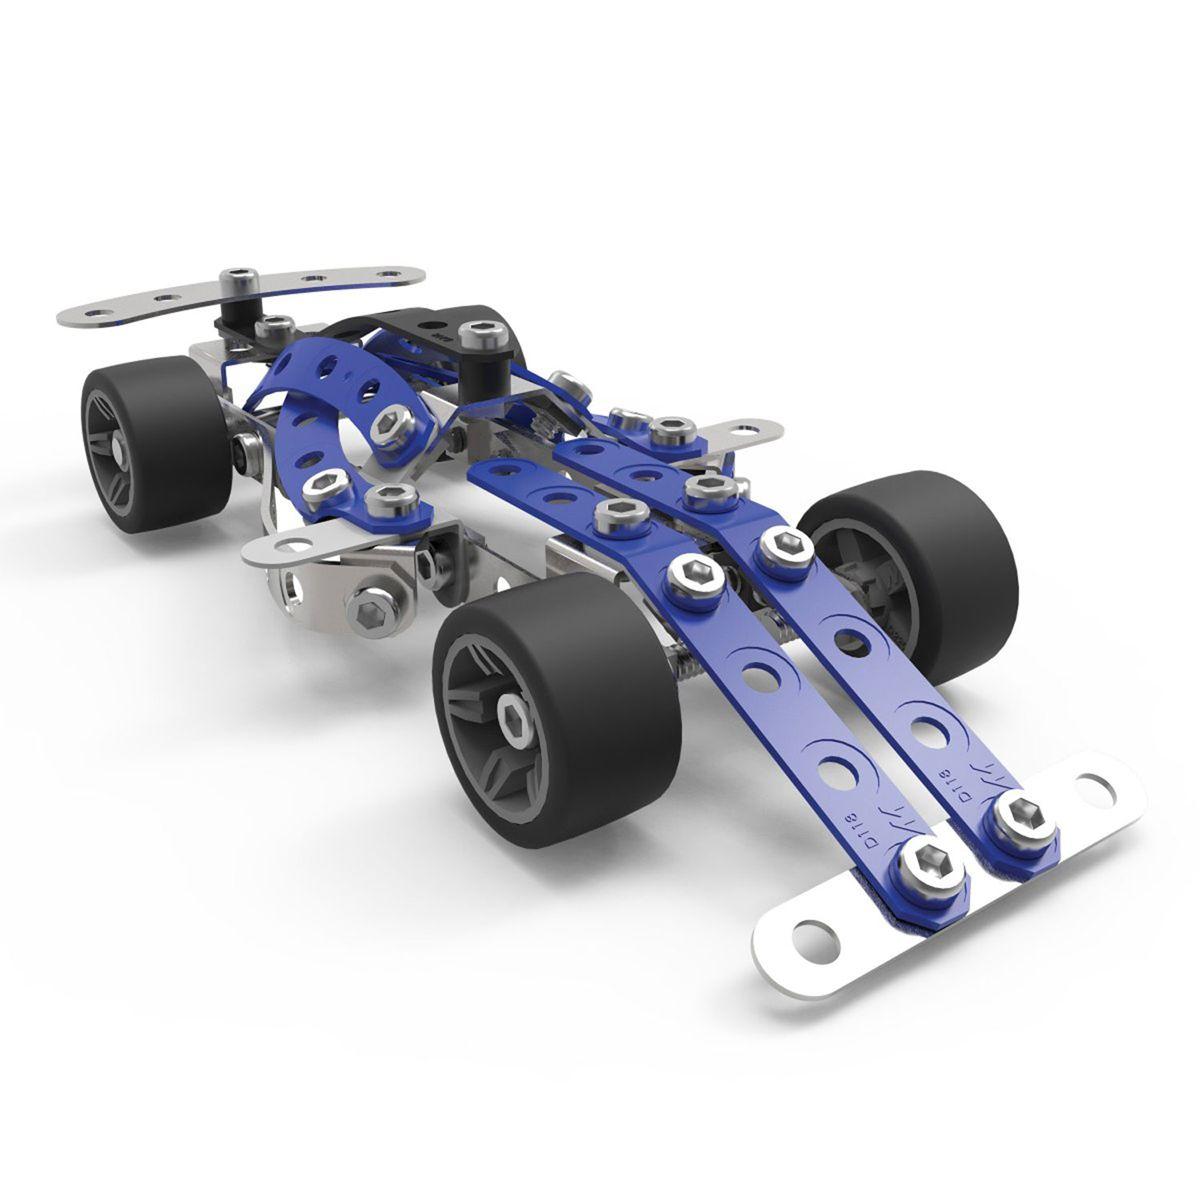 De Automobile Jeux 5 Modèles Course Meccano Voiture X8knOP0w